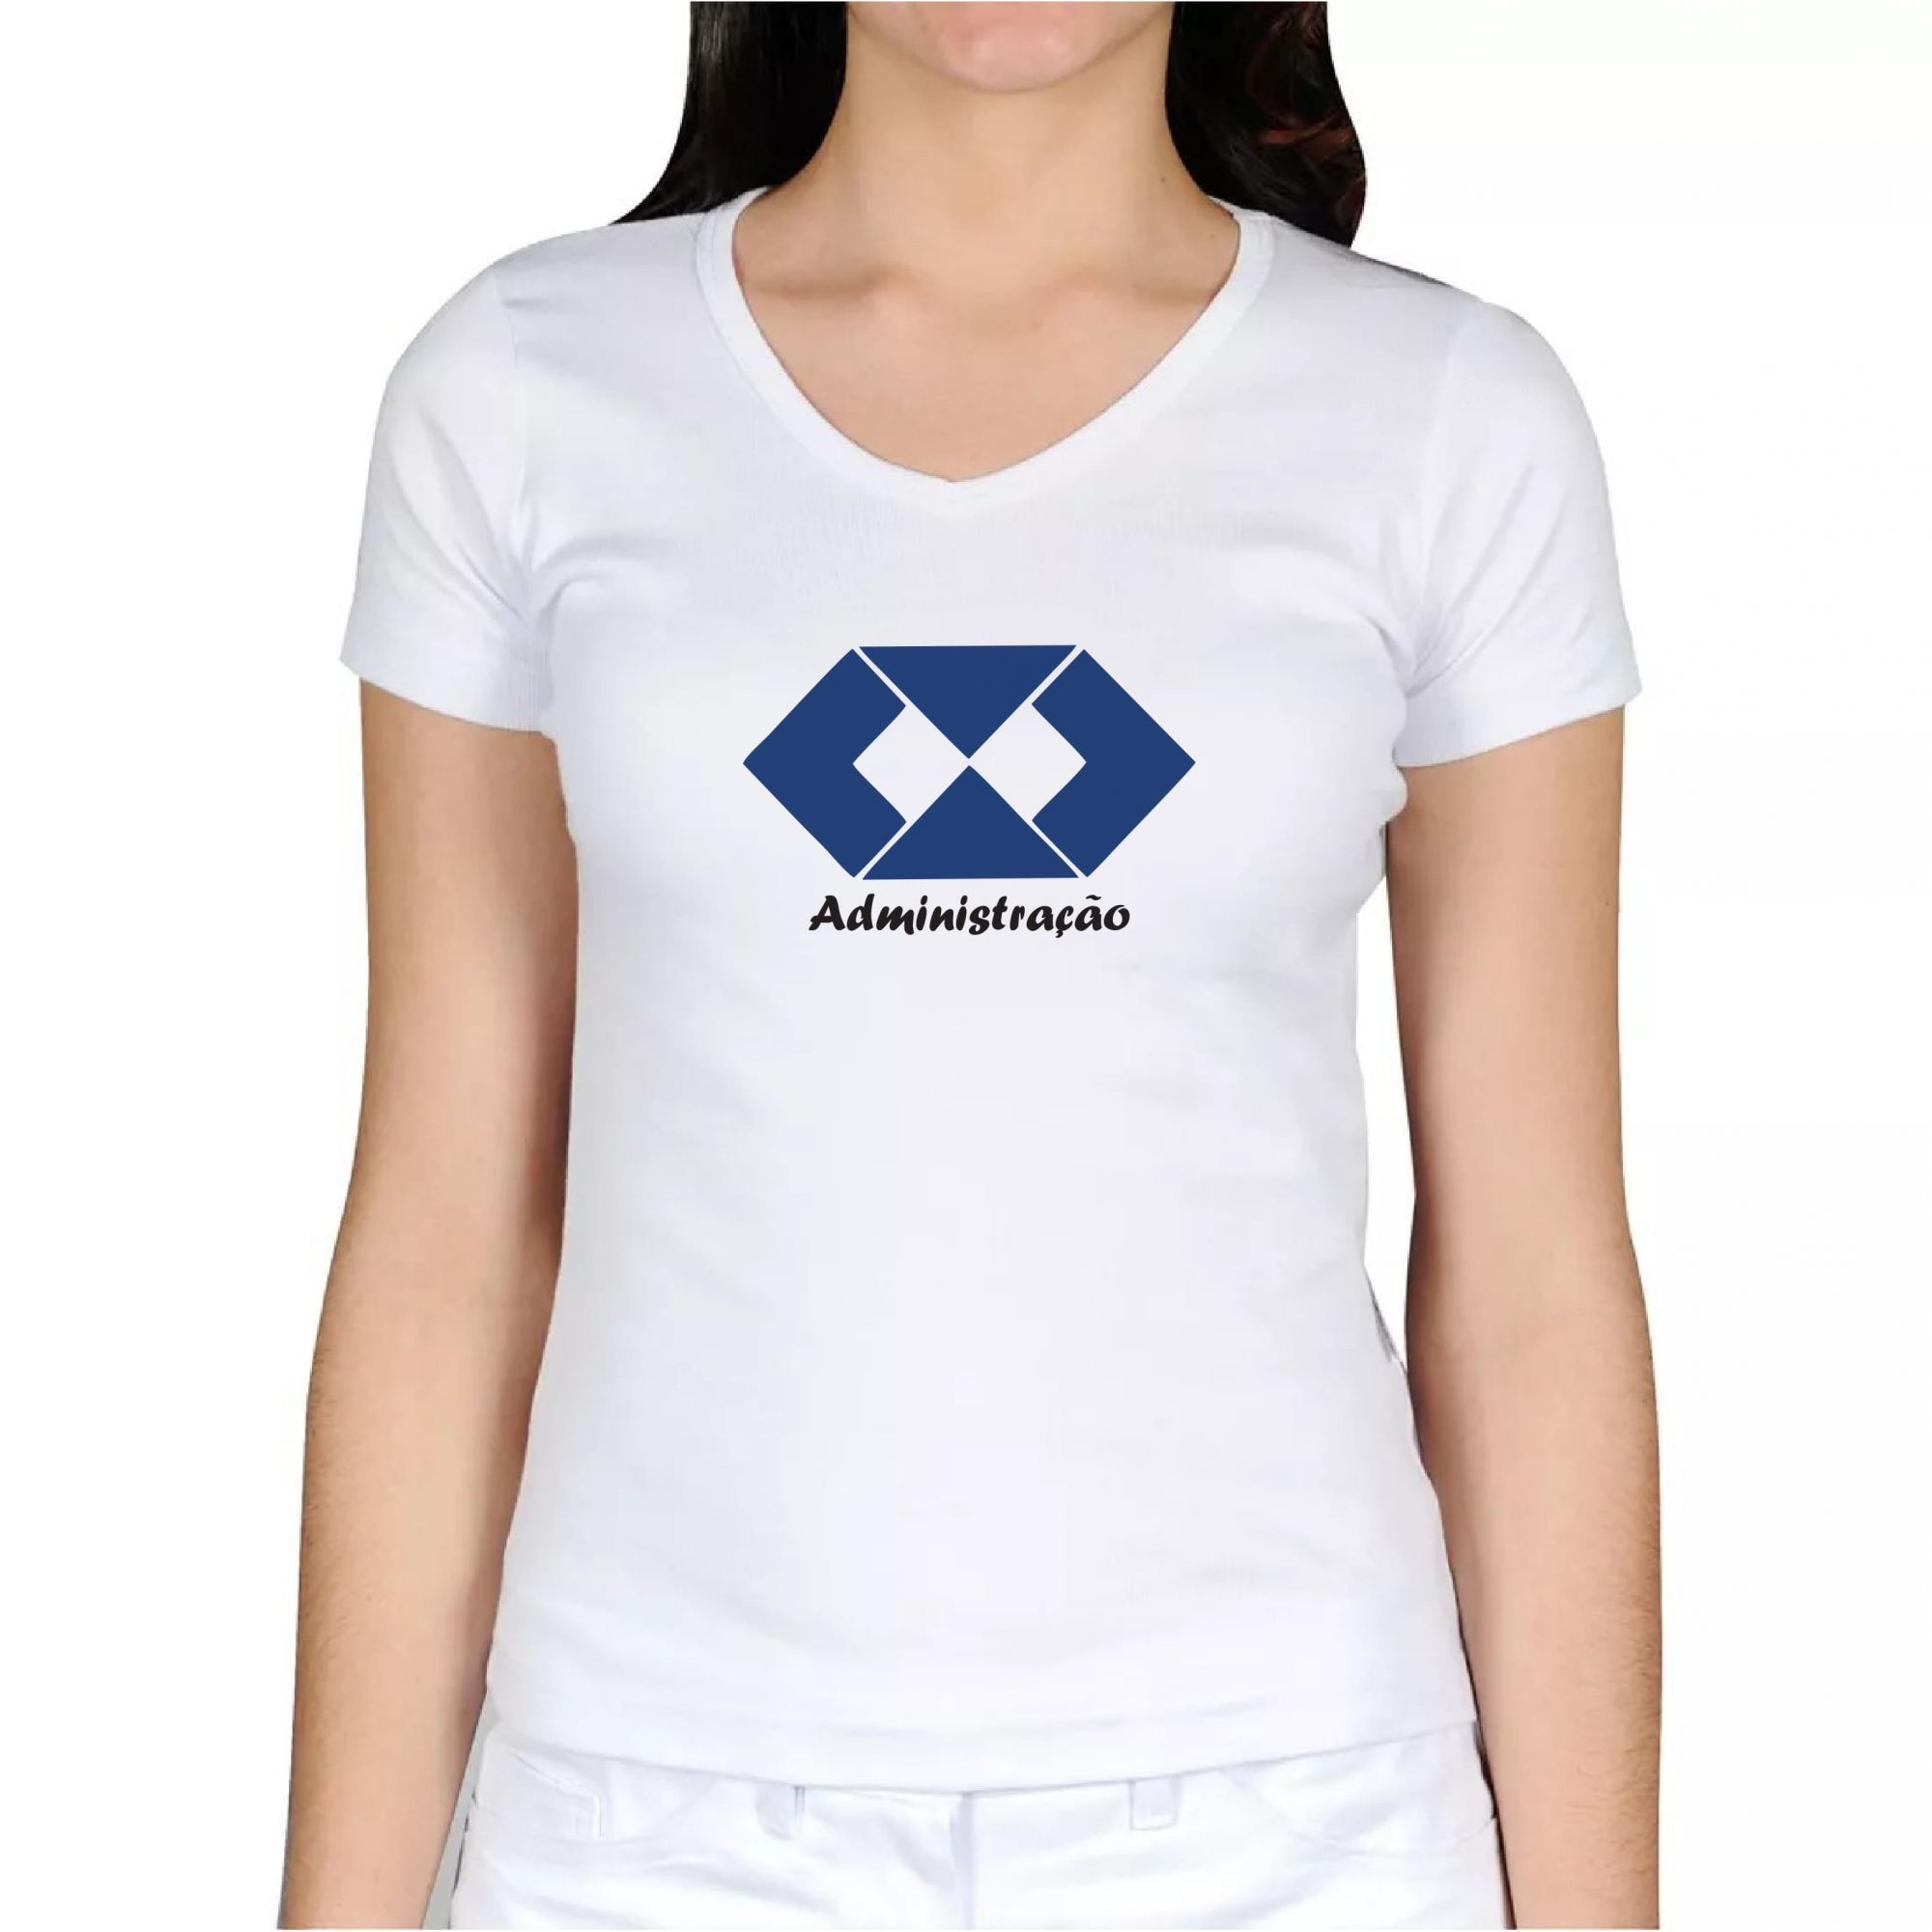 93bf7c7bbb Camiseta Baby Look Curso Administração - ADM 2021 - Cekock A Marca ...